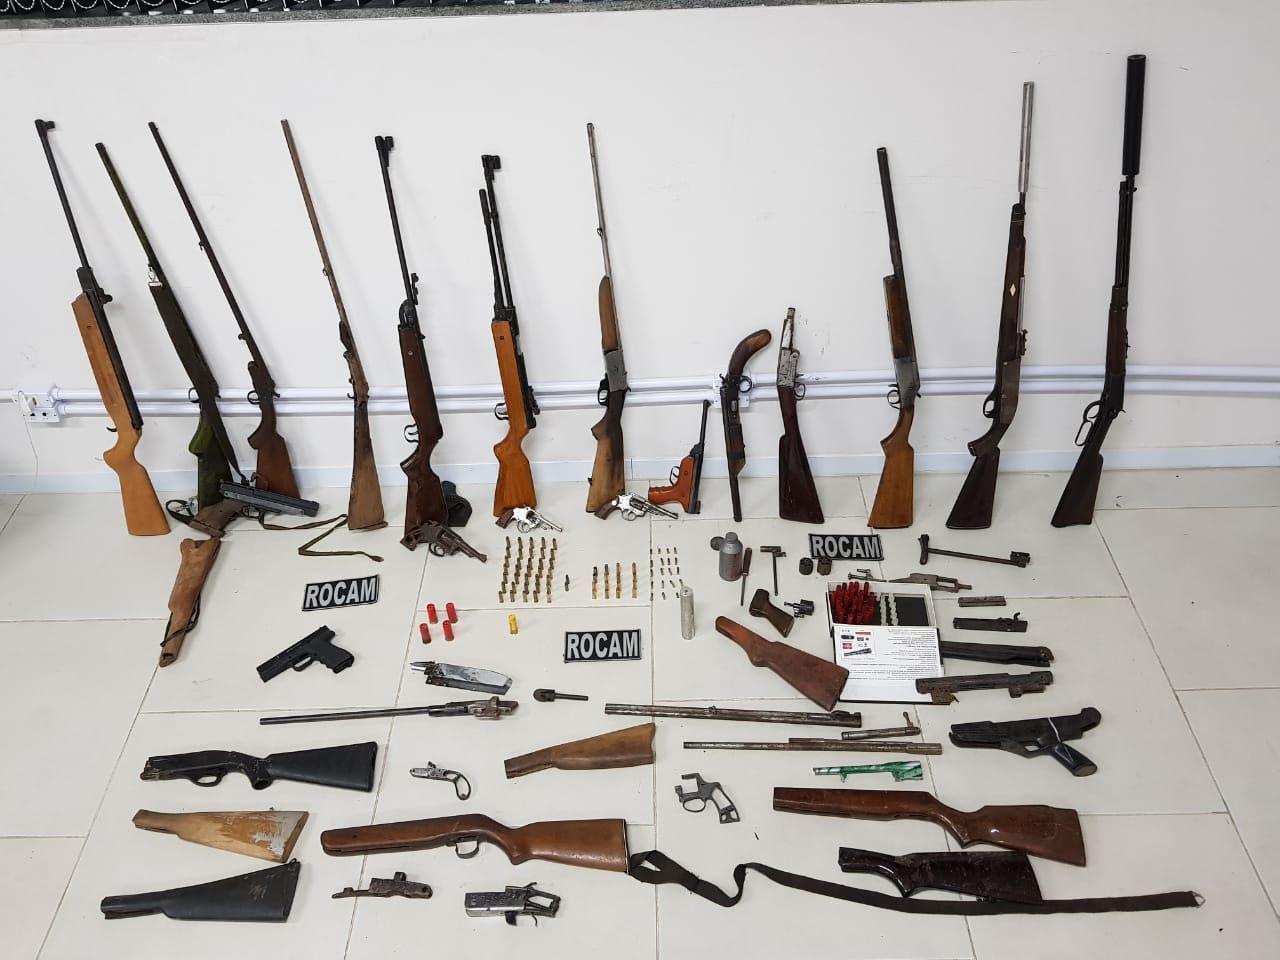 Arsenal é apreendido em oficina ilegal de armas descoberta pela PM